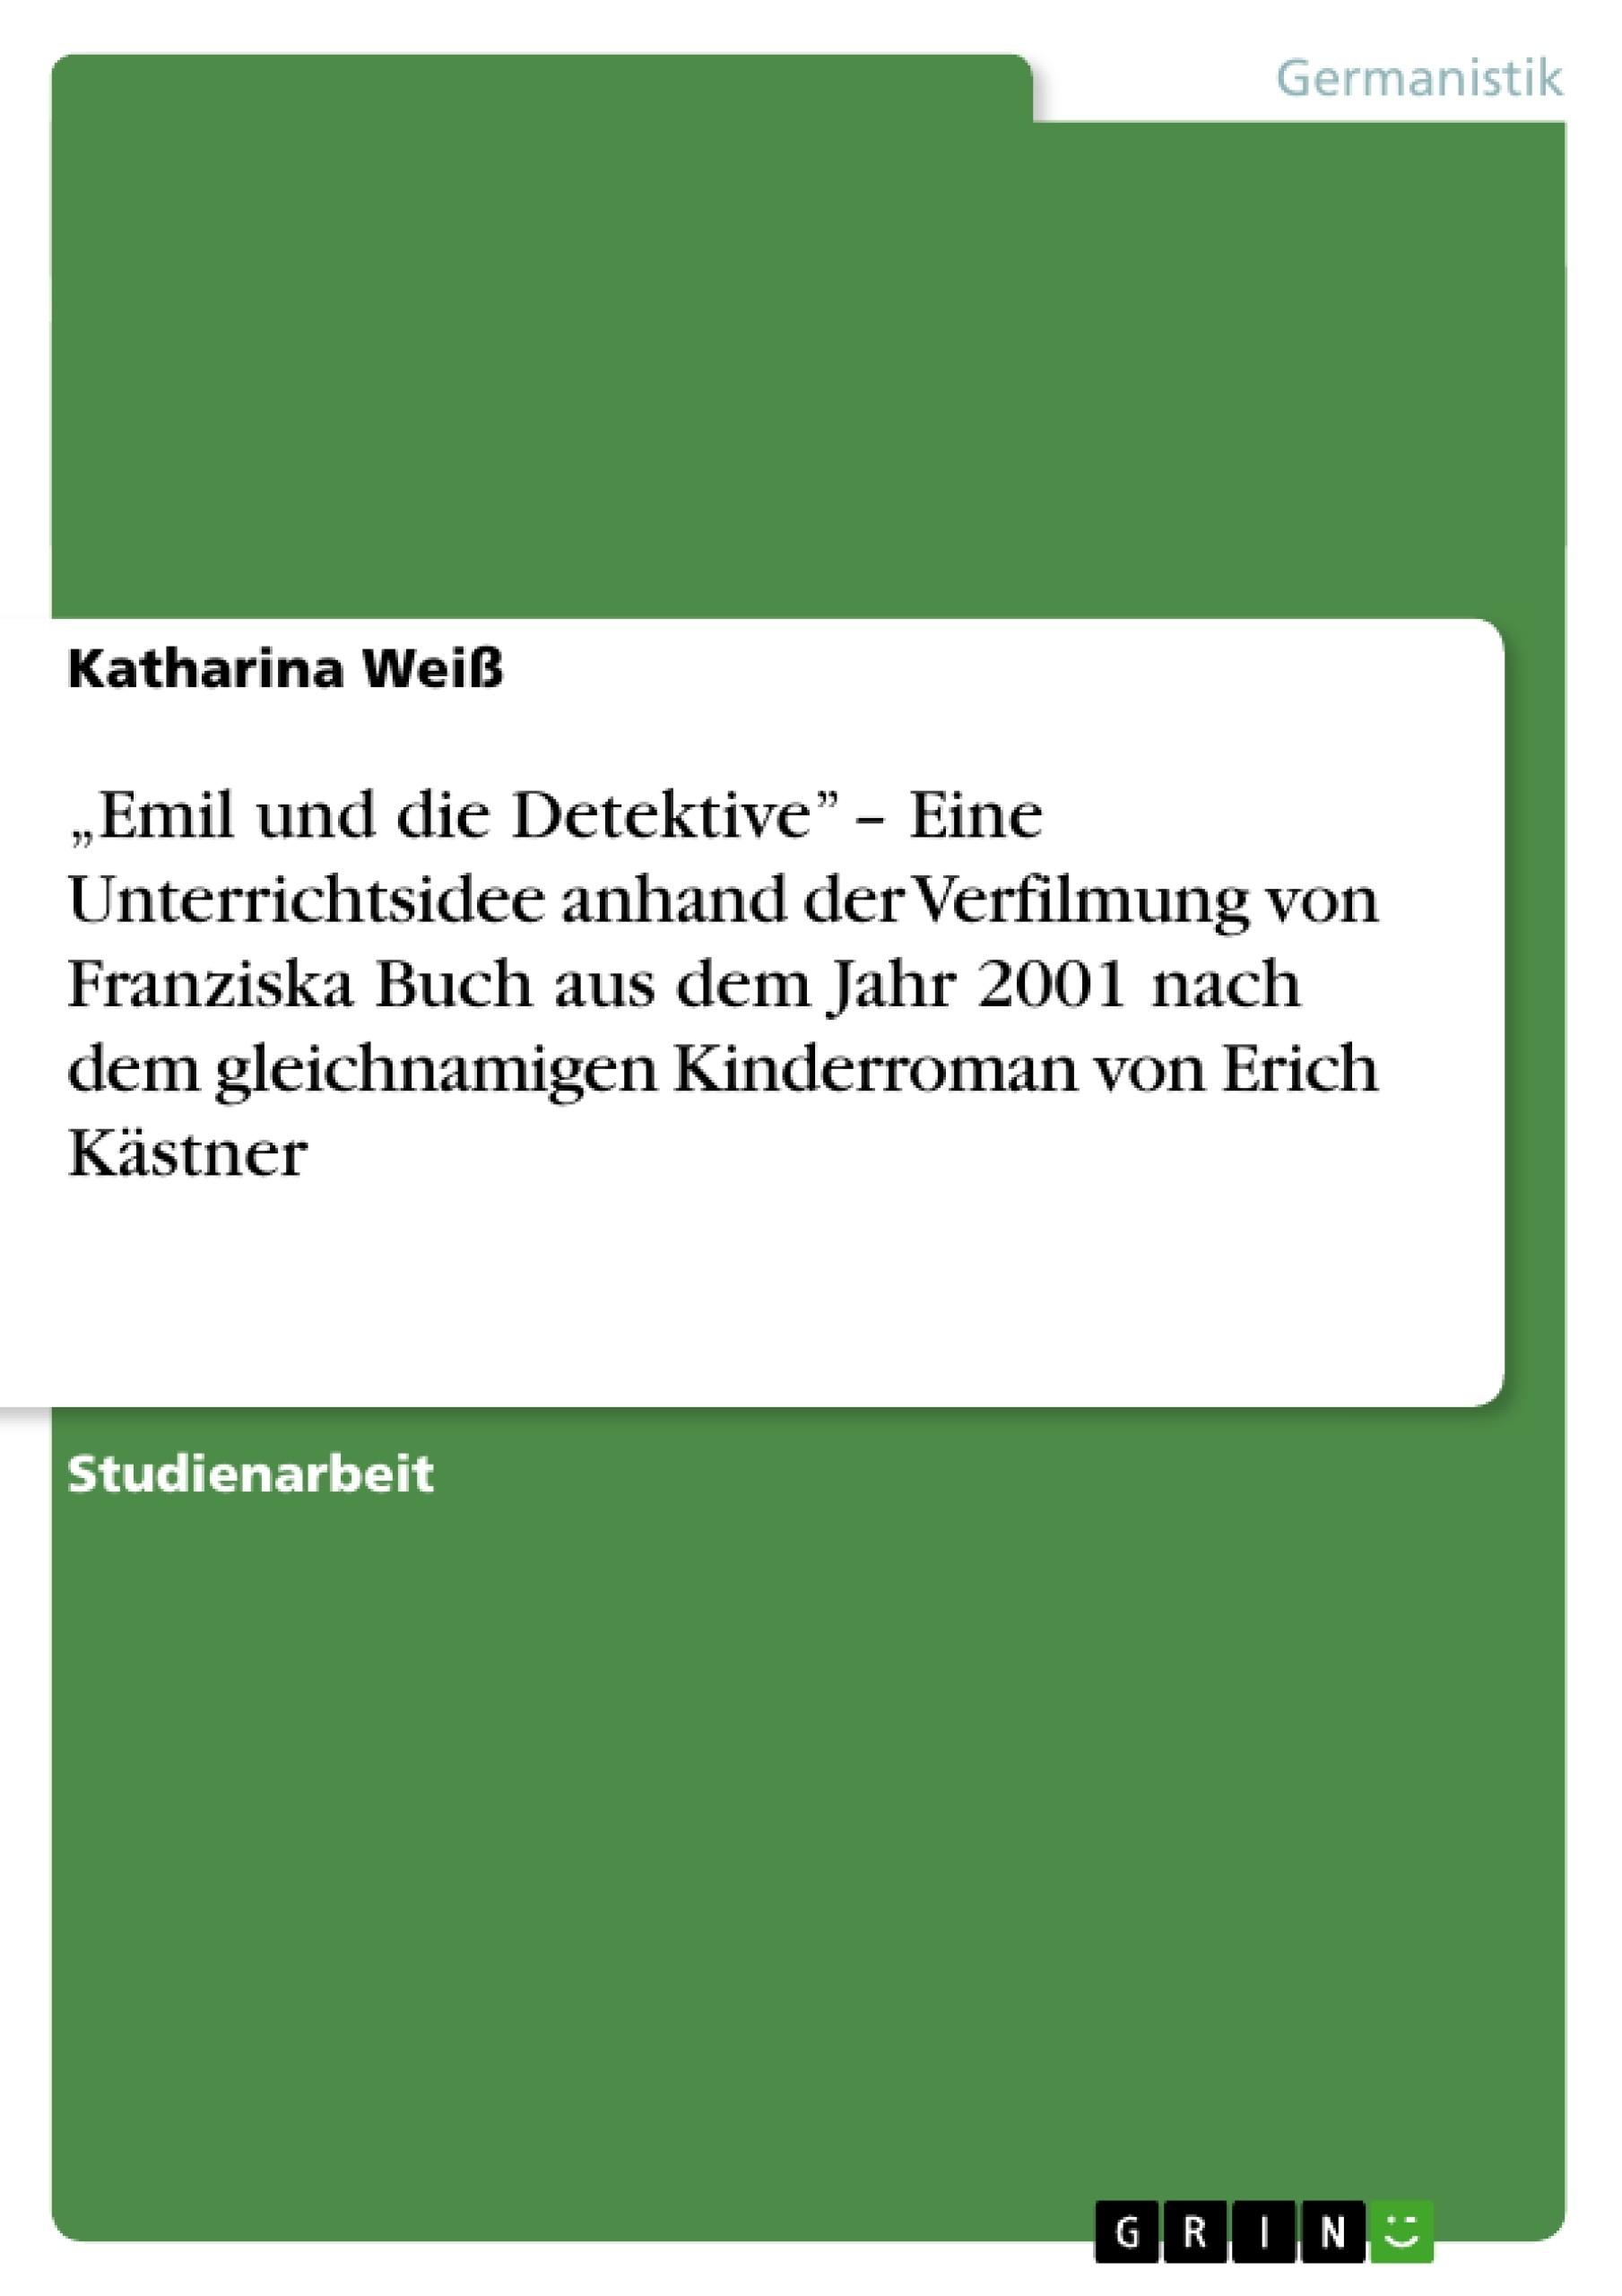 """Titel: """"Emil und die Detektive"""" – Eine Unterrichtsidee anhand der Verfilmung von Franziska Buch aus dem Jahr 2001 nach dem gleichnamigen Kinderroman von Erich Kästner"""